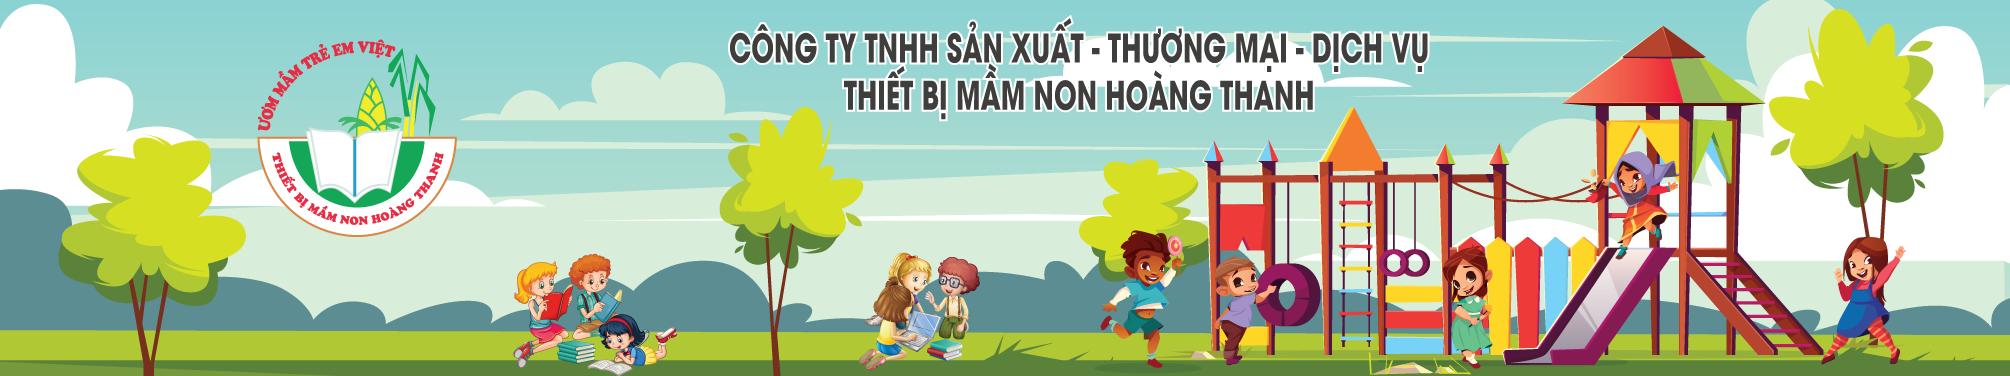 CÔNG TY TNHH SX – TM – DV THIẾT BỊ MẦM NON HOÀNG THANH